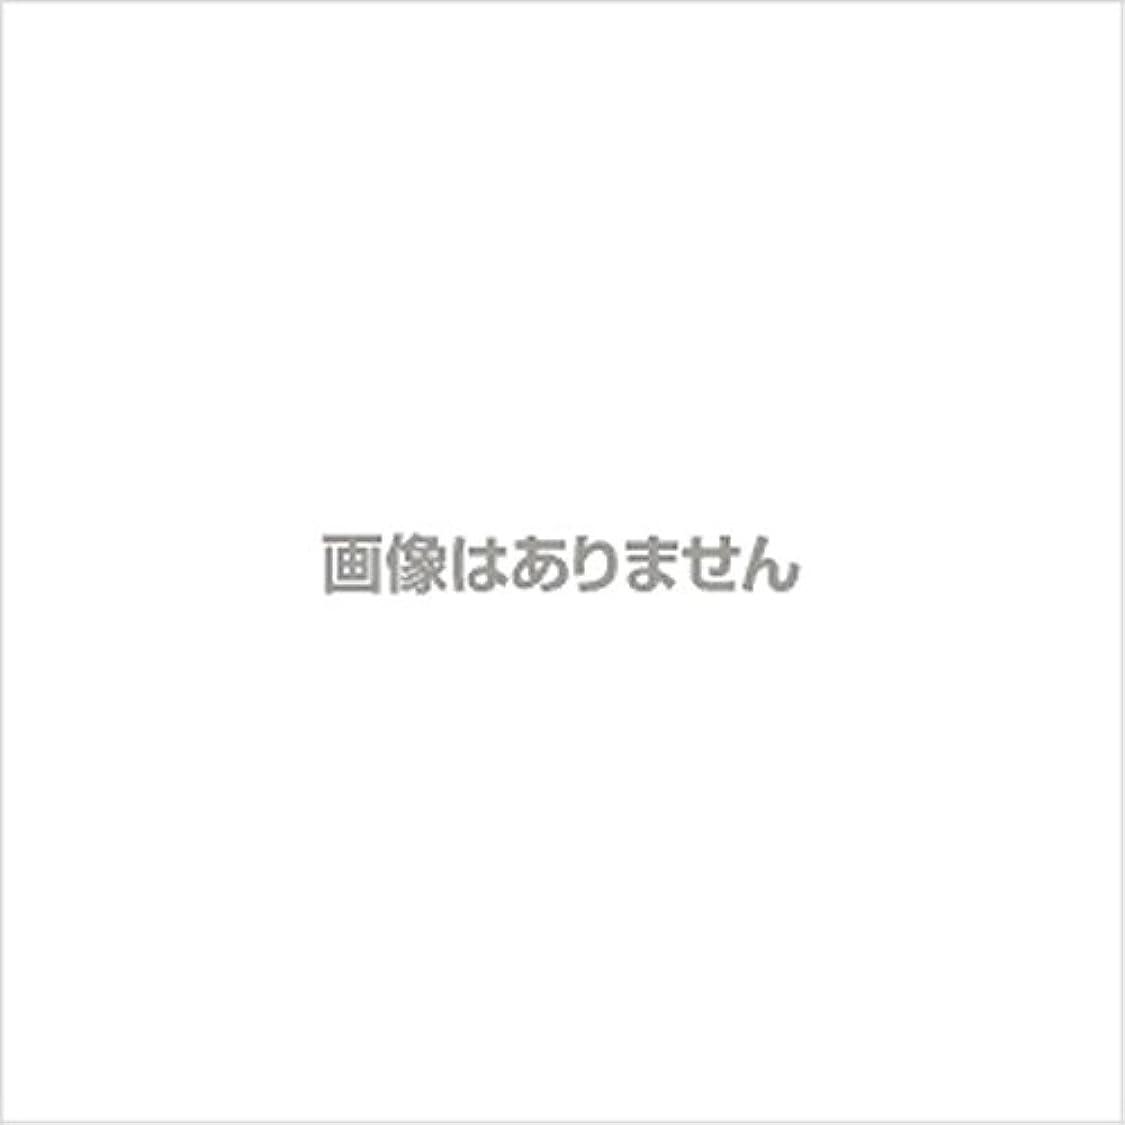 ストライドワーディアンケース好き新発売】EBUKEA エブケアNO1004 プラスチックグローブ(パウダーフリー?粉なし)Mサイズ 100枚入(極薄?半透明)